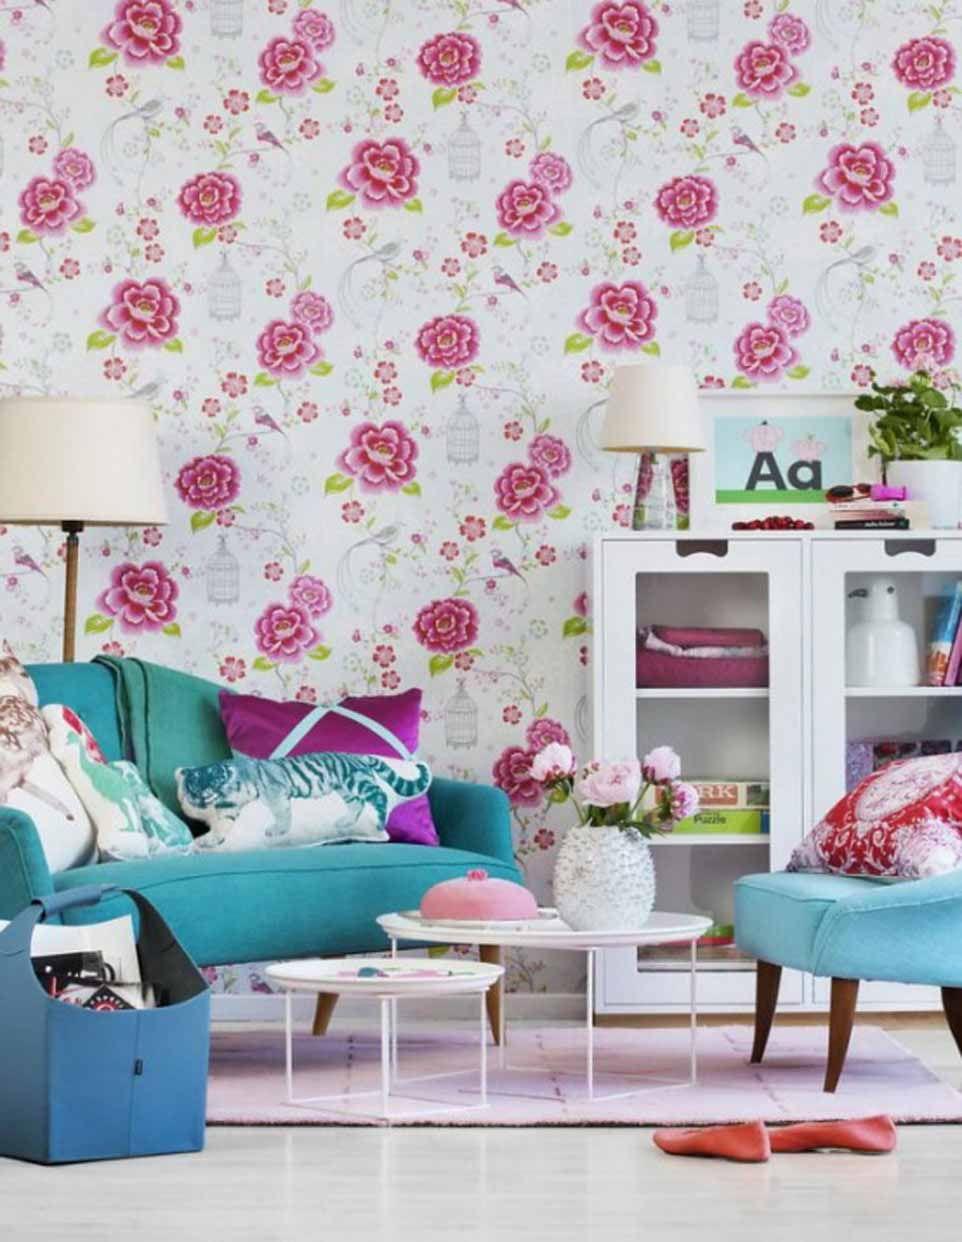 50 Contoh Wallpaper Dinding Ruang Tamu Minimalis Ruang